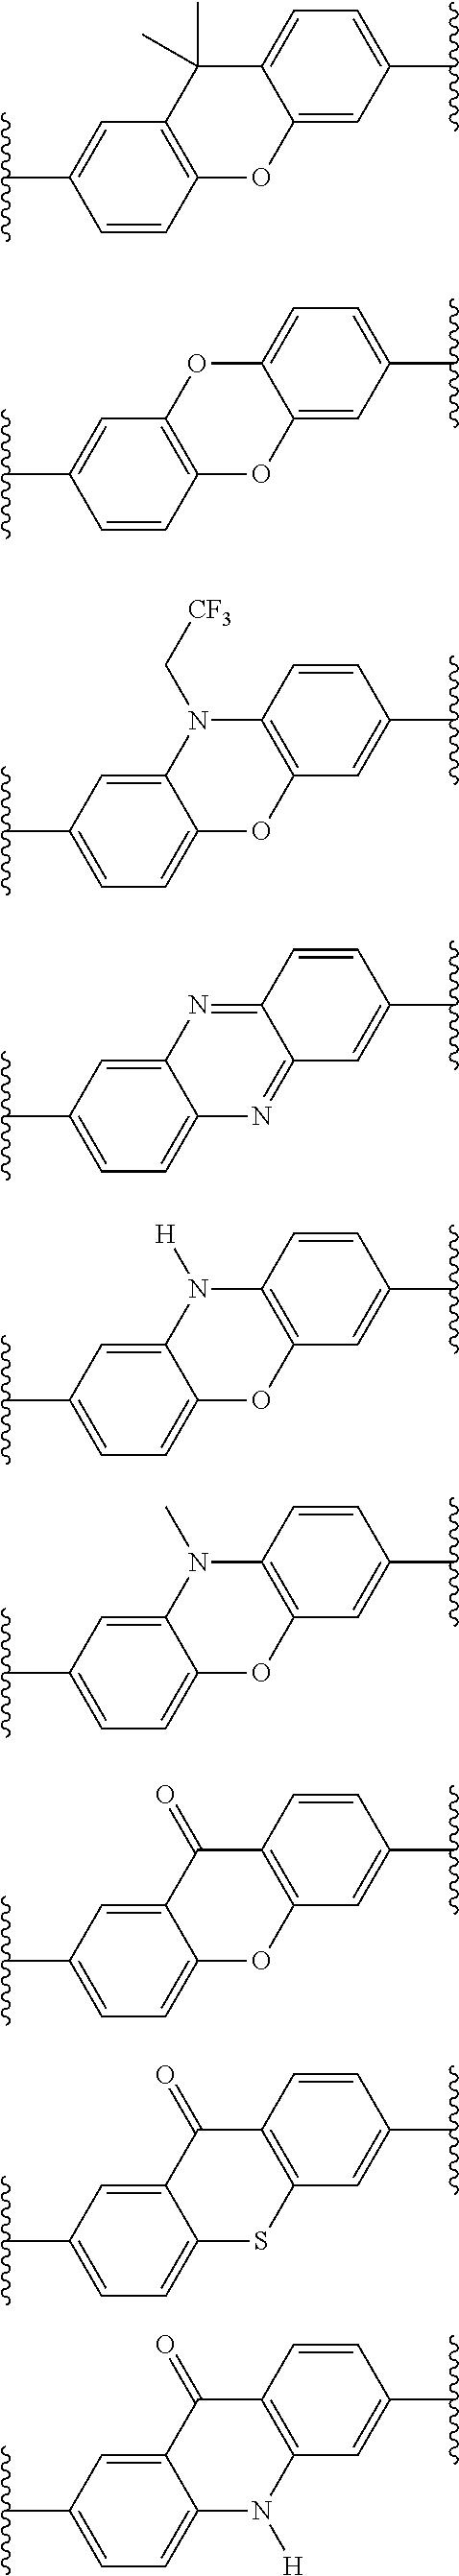 Figure US08273341-20120925-C00192